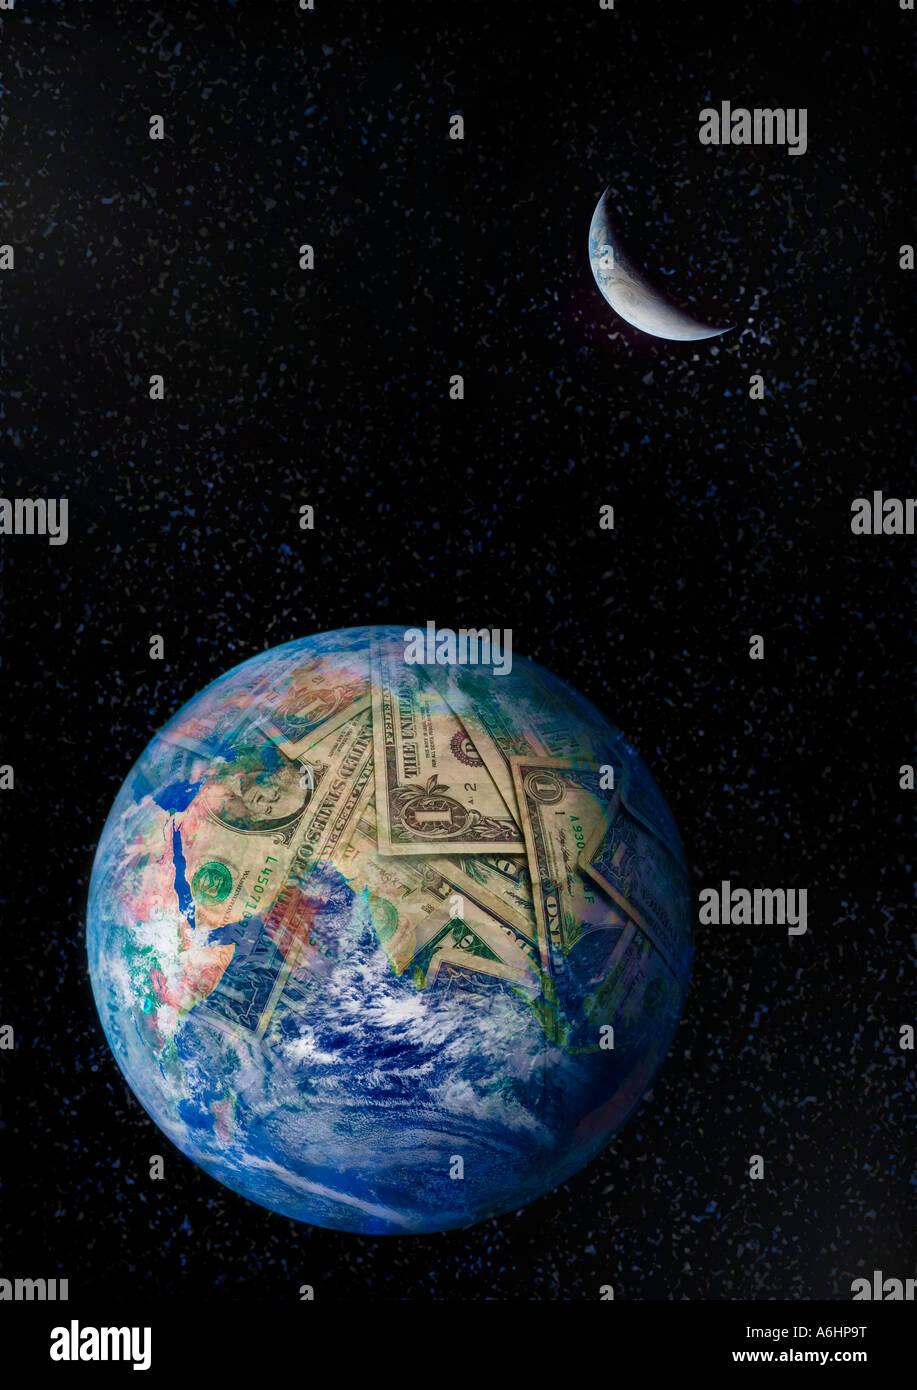 Tierra de dinero Imagen De Stock